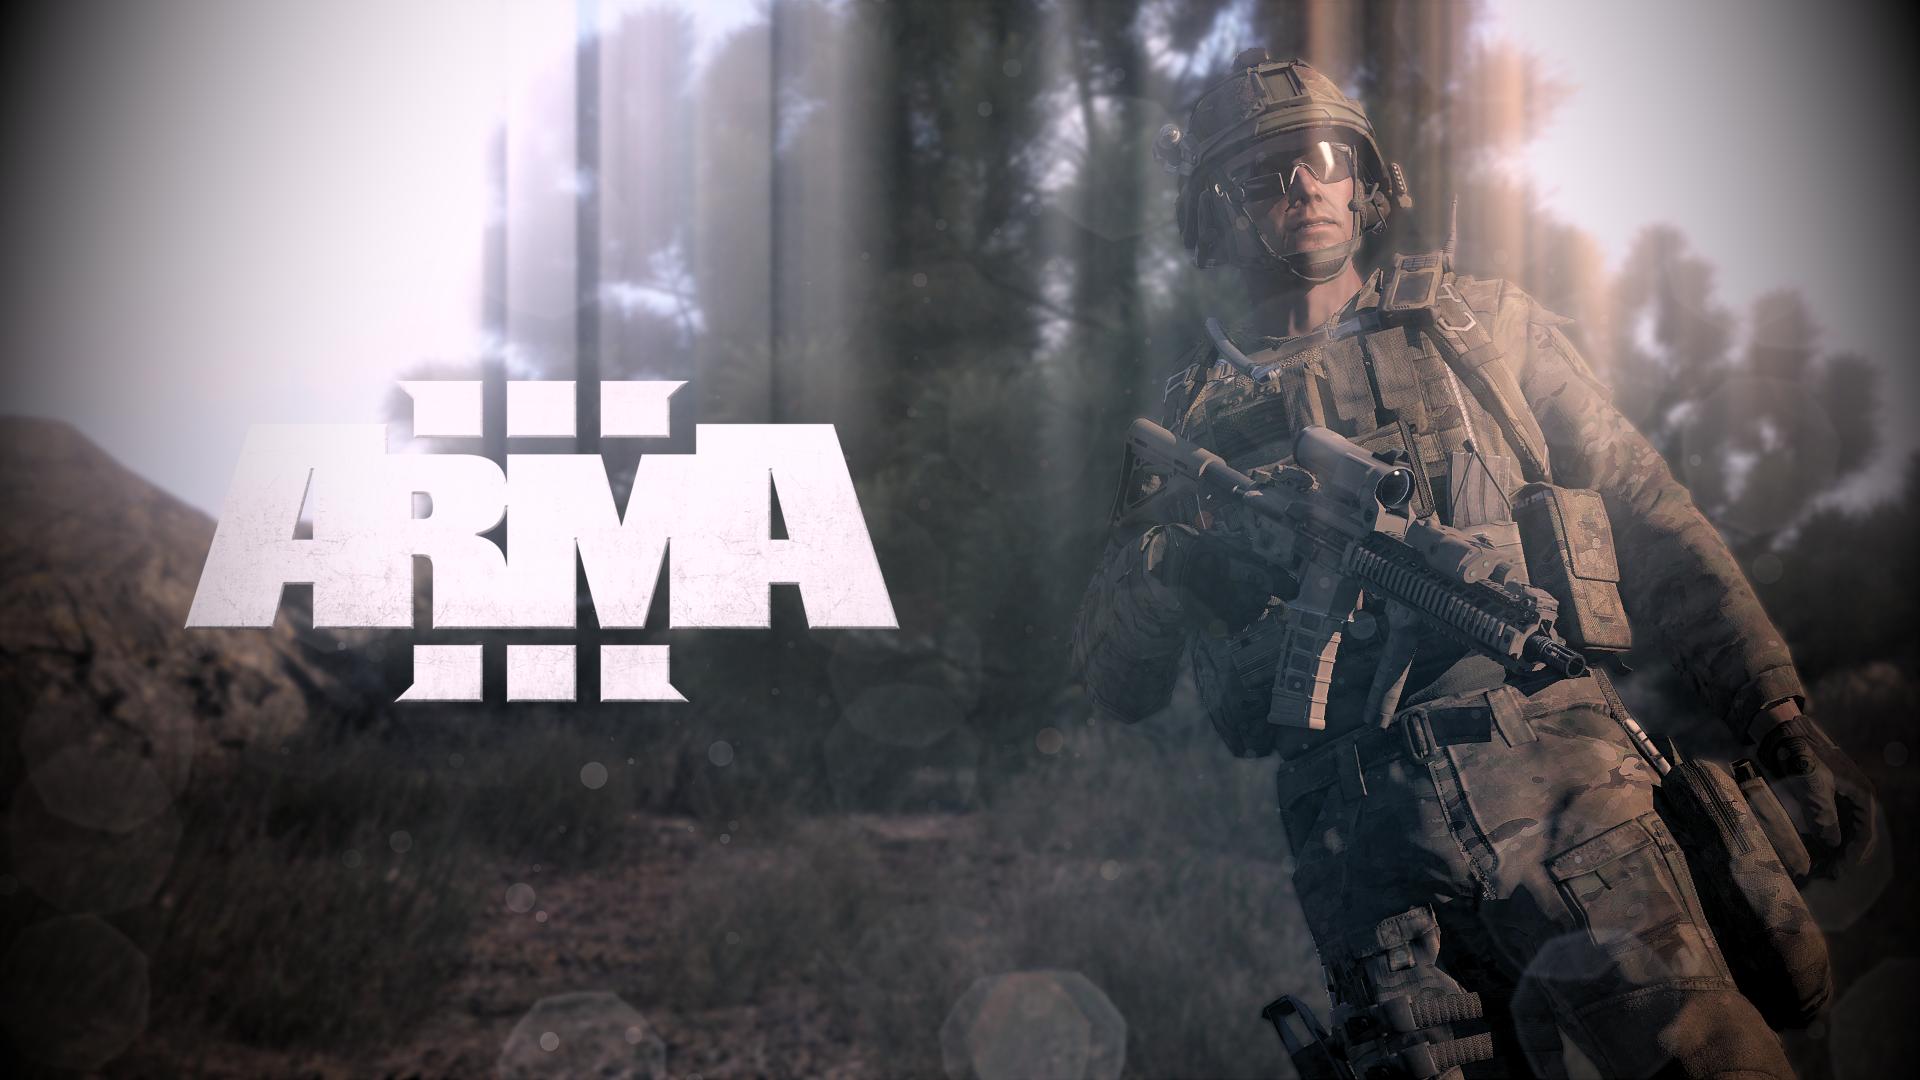 arma 3 wallpaperdetcord12b on deviantart